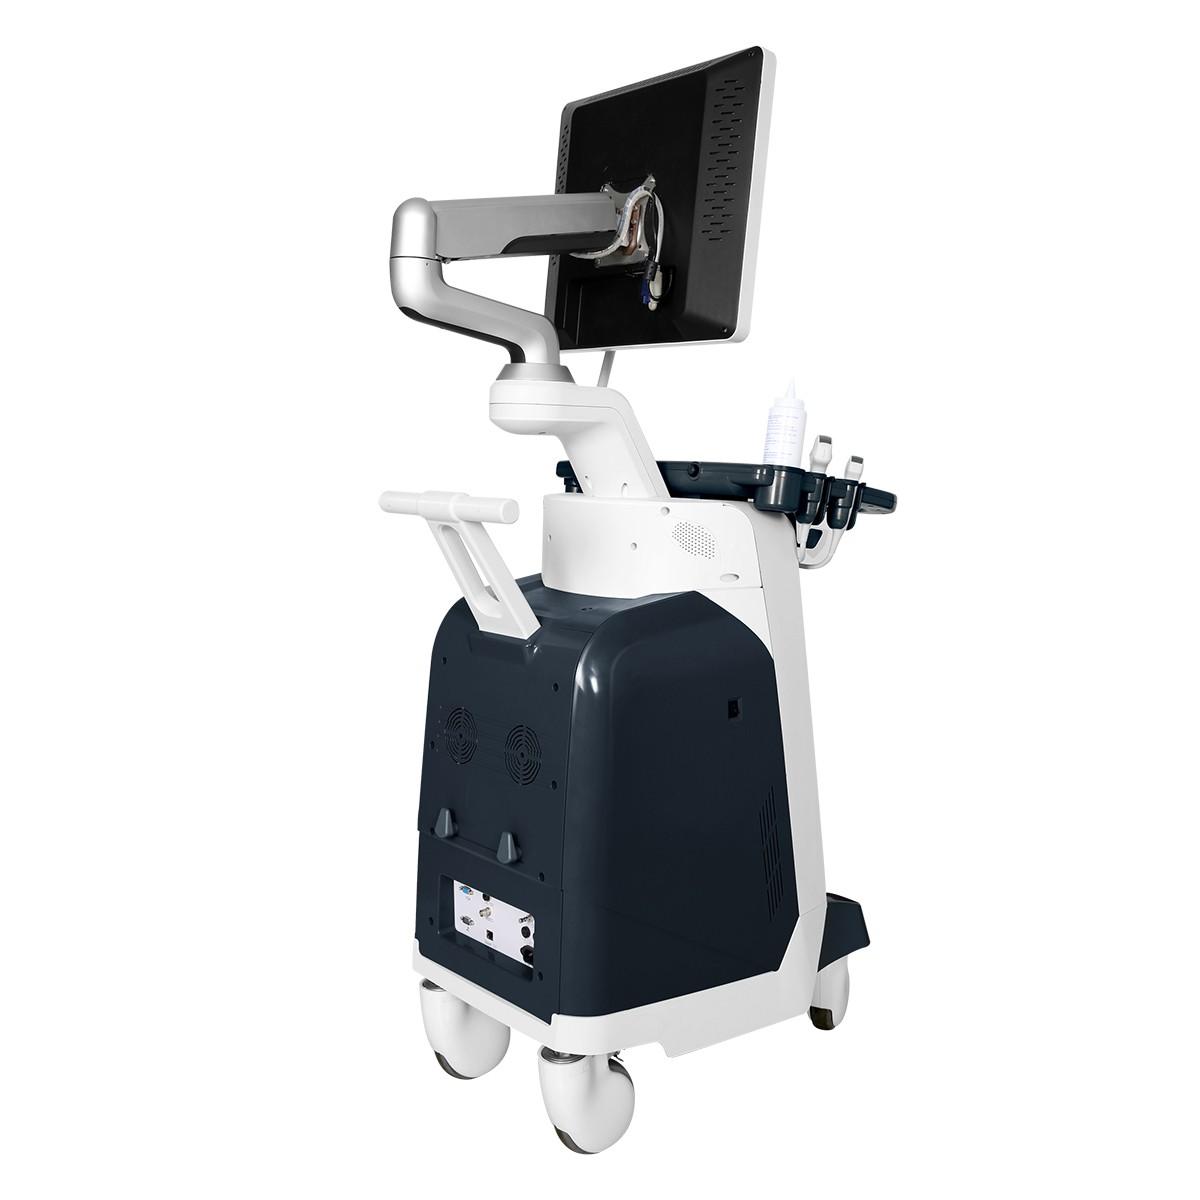 УЗИ сканер AcuVista RS880t с цветным допплером и 3D 9